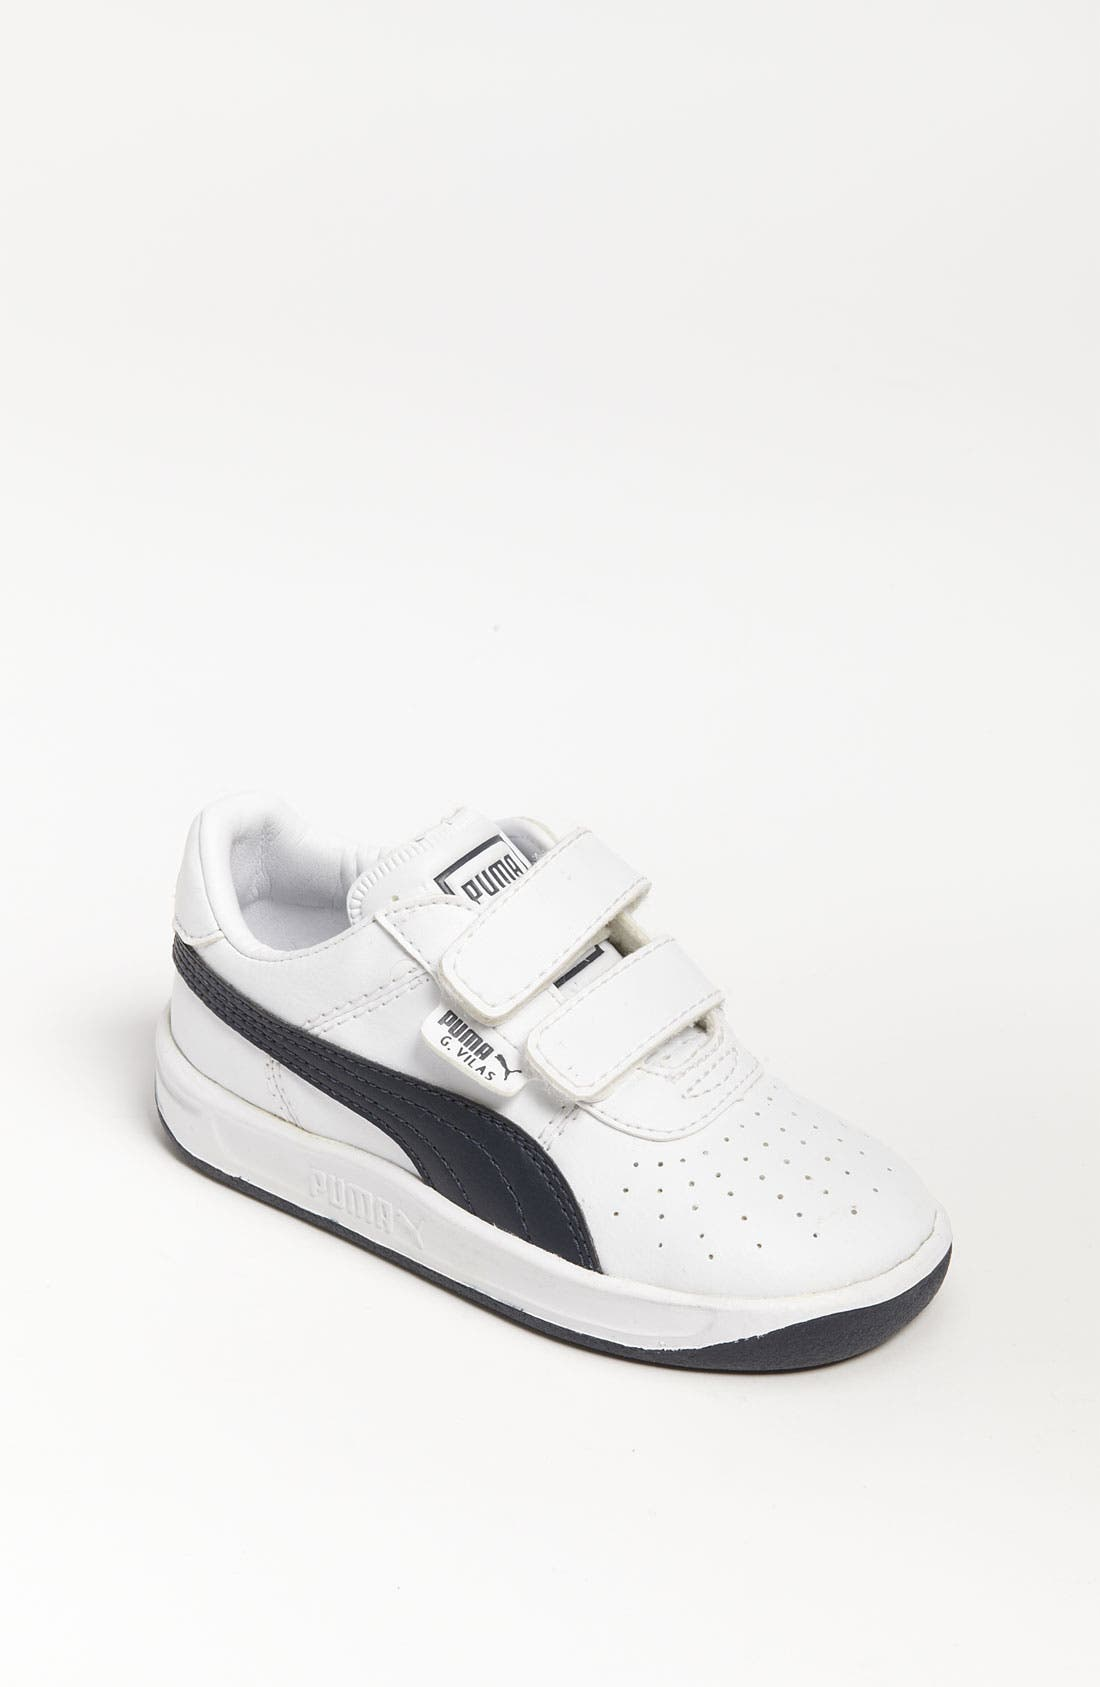 Alternate Image 1 Selected - PUMA 'Vilas II' Sneaker (Baby, Walker, Toddler, Little Kid & Big Kid)